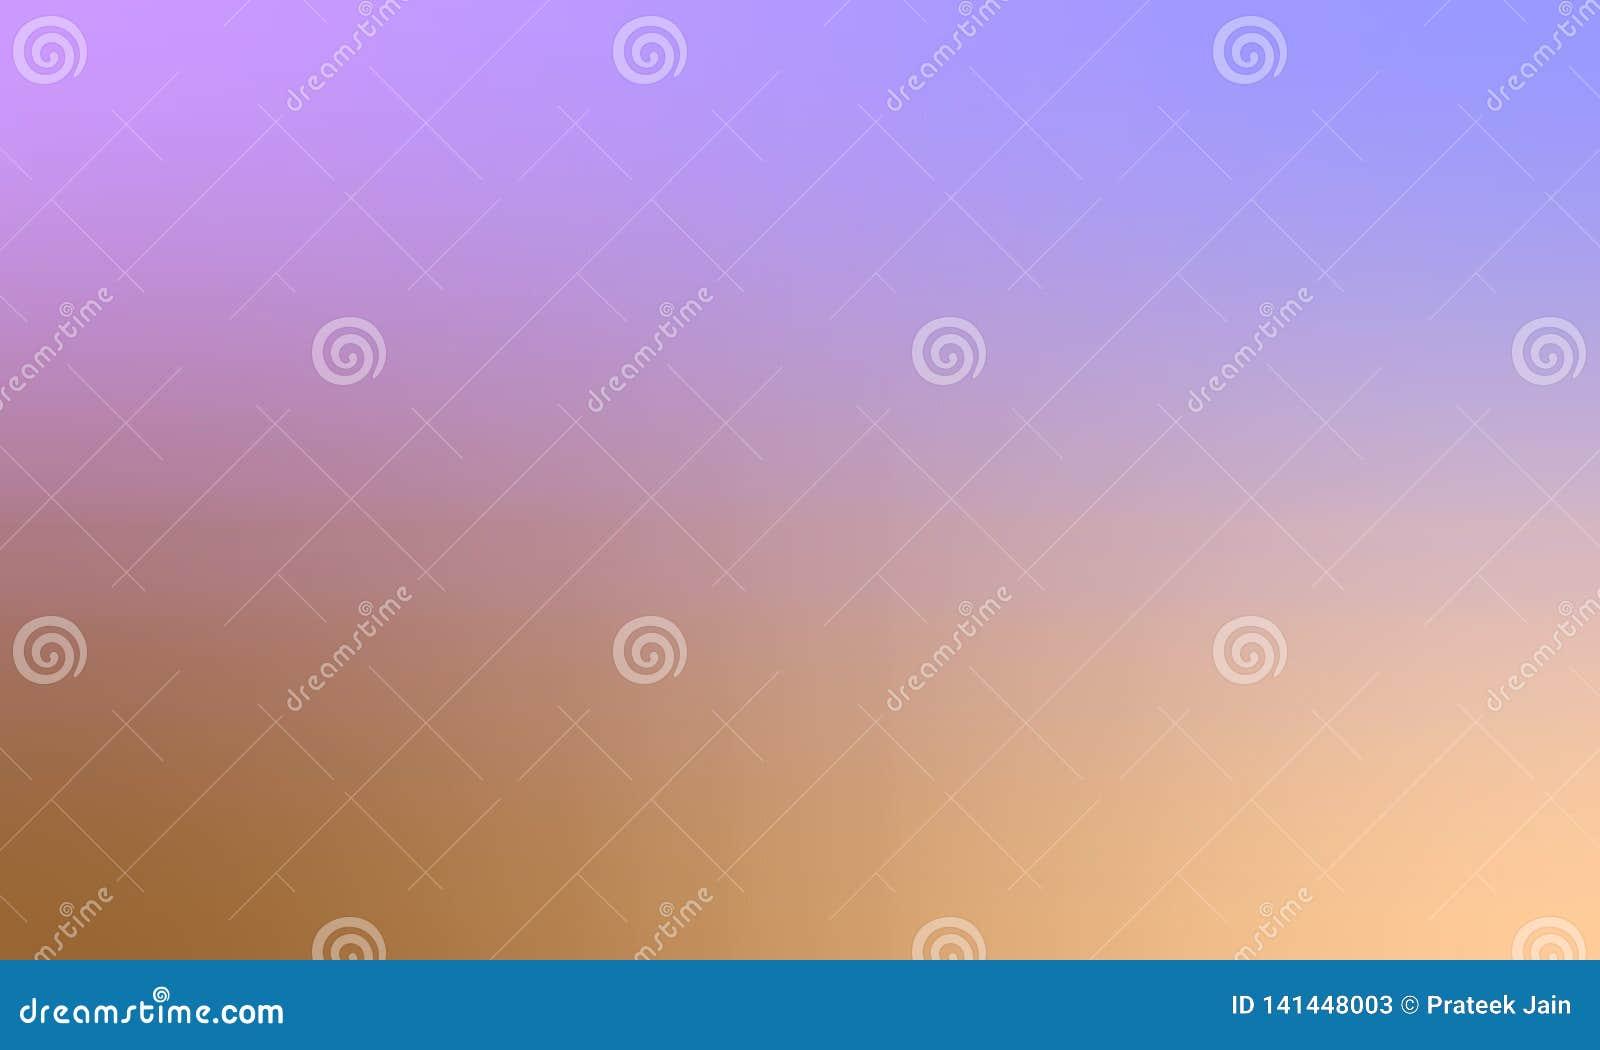 Projeto colorido do vetor do fundo da textura do borrão, fundo protegido borrado colorido, ilustração vívida do vetor da cor Clos